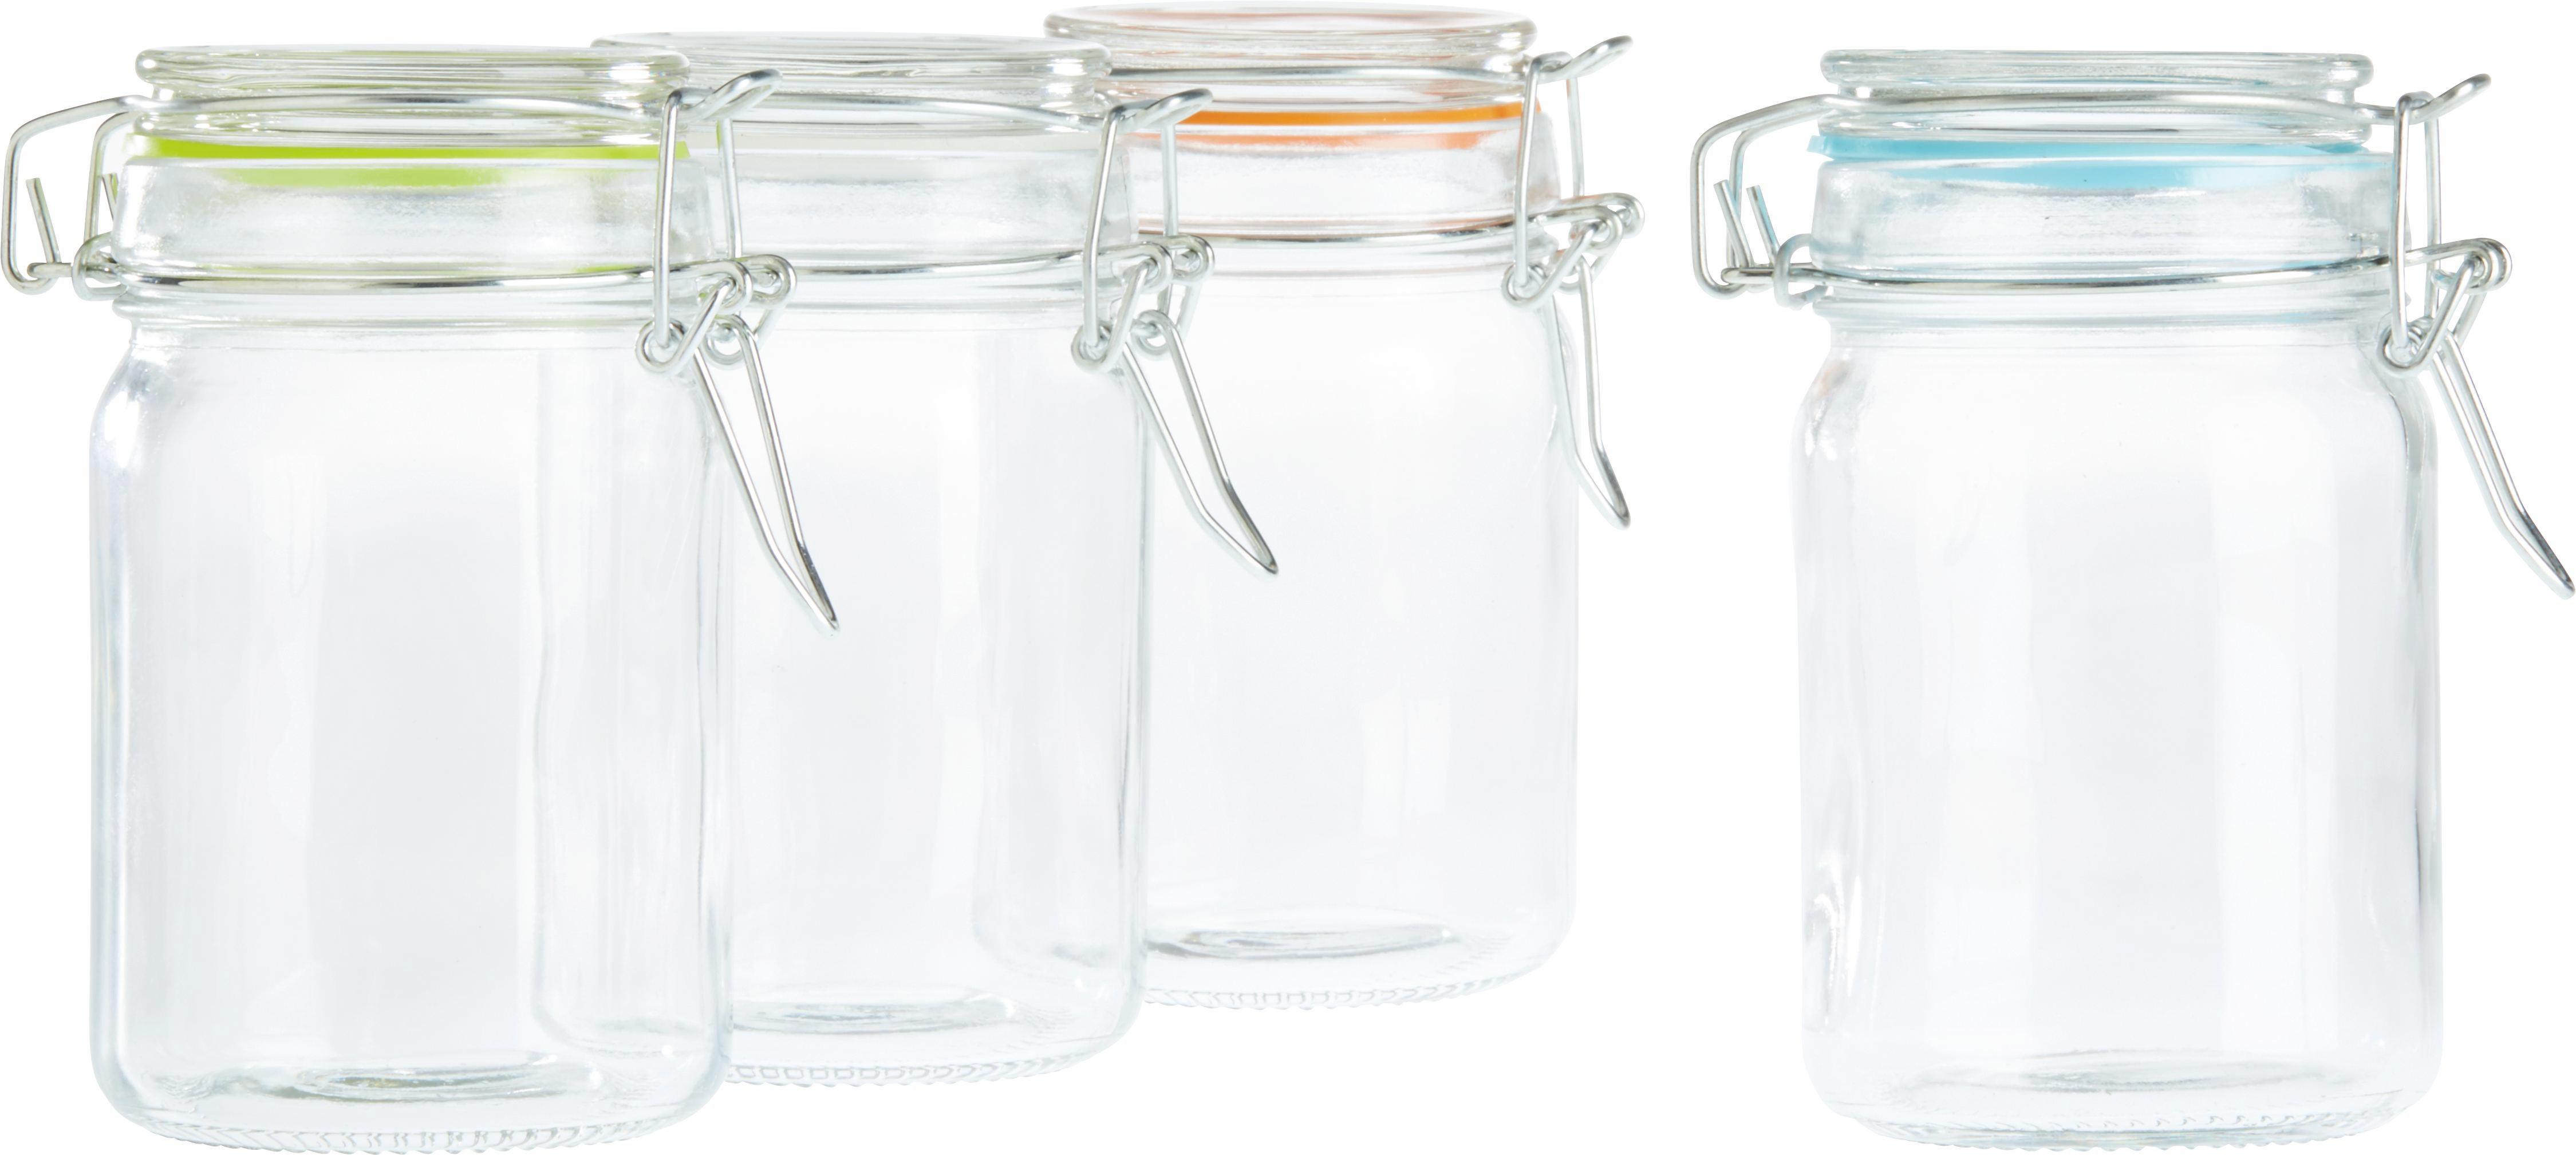 Üveg Tárolóedény Mimi - türkiz/tiszta, műanyag/üveg (6,8/11,7cm) - MÖMAX modern living